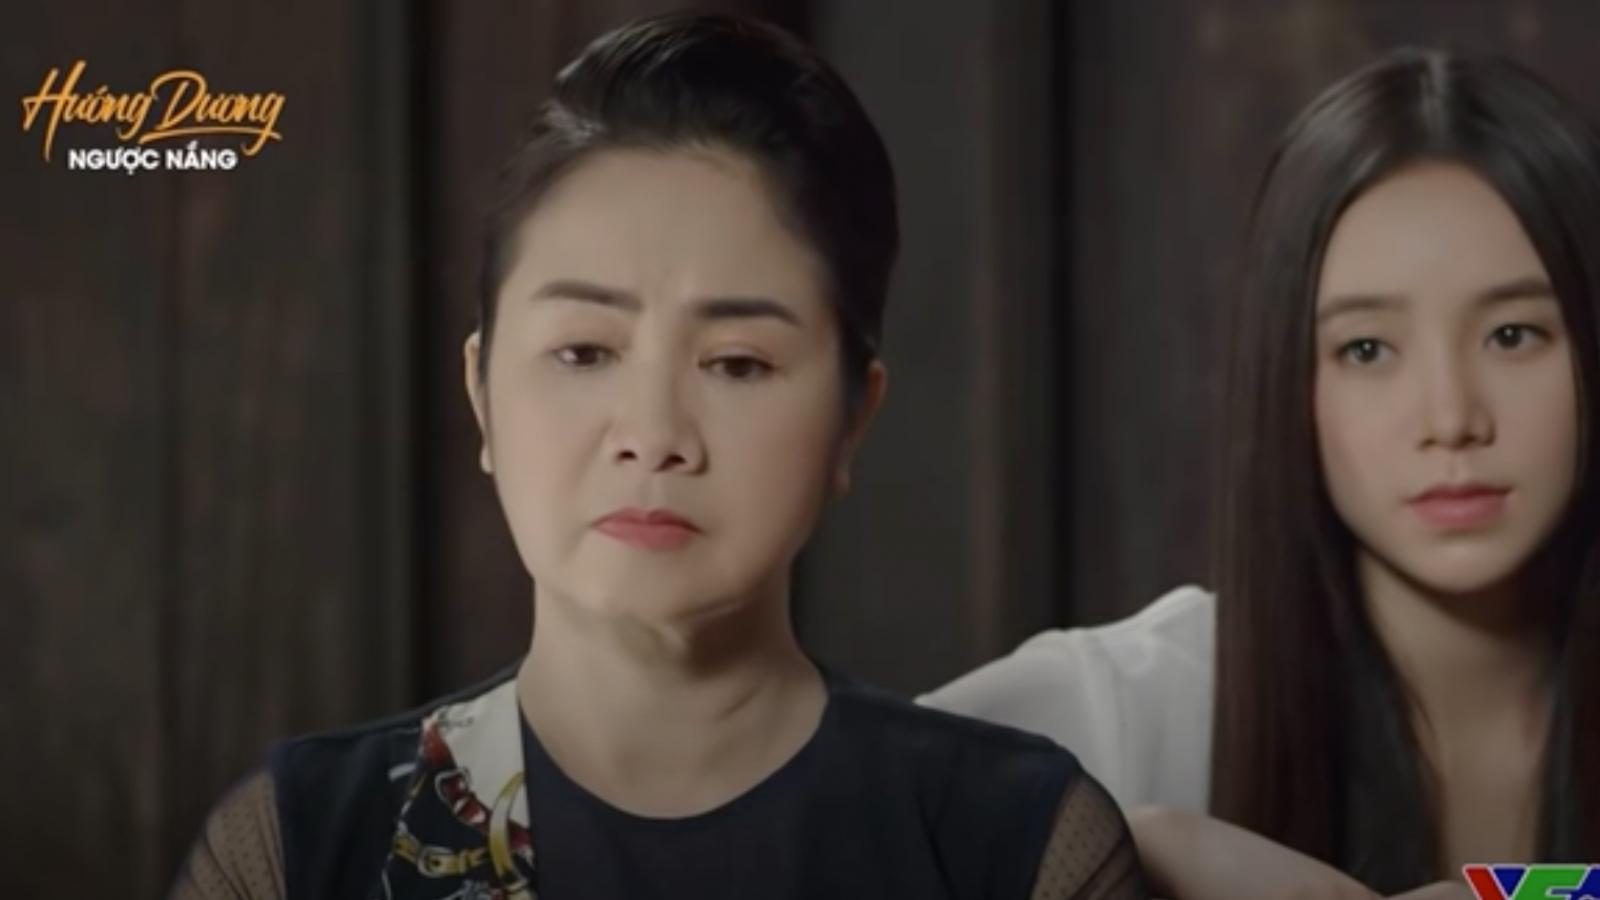 """""""Hướng dương ngược nắng"""" tập 66: Bà Diễm Loan bất ngờ đến xin lỗi bà Bạch Cúc"""